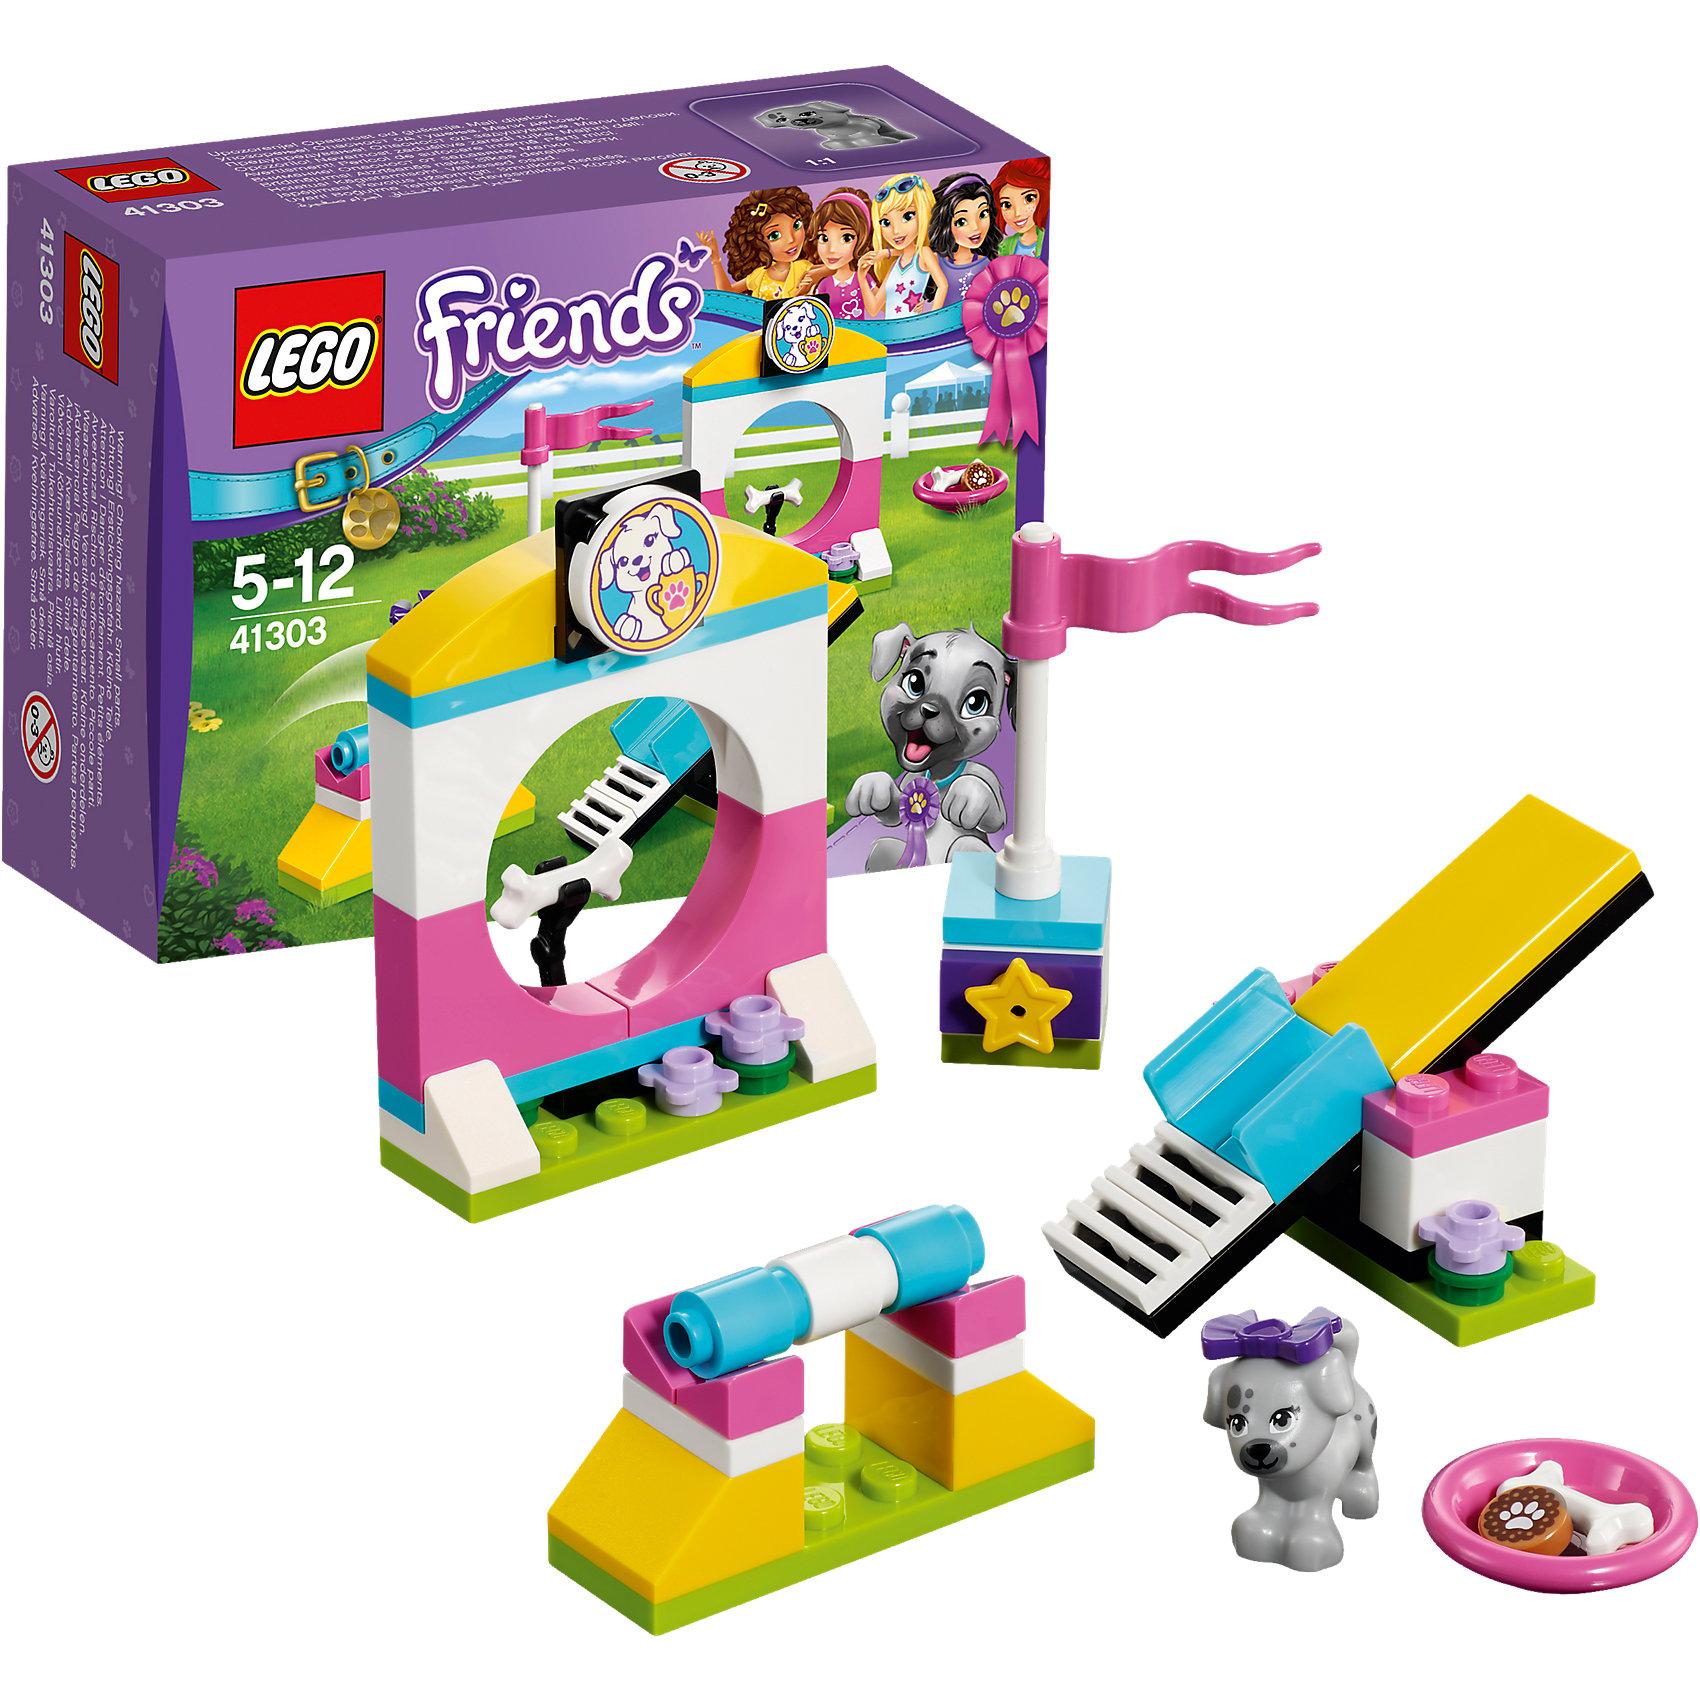 LEGO Friends 41303: Выставка щенков: Игровая площадкаLEGO Friends 41303: Выставка щенков: Игровая площадка<br><br>Характеристики:<br><br>- в набор входит: детали салона, щенок Скай, аксессуары, красочная инструкция<br>- состав: пластик<br>- количество деталей: 62<br>- размер качелей: 6 * 1 * 3 см.<br>- размер барьера с обручем: 6 * 2 * 4 см.<br>- для детей в возрасте: от 5 до 12 лет<br>- Страна производитель: Дания/Китай/Чехия<br><br>Легендарный конструктор LEGO (ЛЕГО) представляет серию «Friends» (Друзья) в которую входят наборы конструкторов интересных не только в строительстве, но и в игре.<br><br>Серия разработана с учетом различных повседневных ситуаций и мест. Готовь чемпионов к выставке щенков на специальной игровой площадке. Щенок Скай готов стать первым учеником! Он уже умеет проходить препятствие качели и на скорость бегать к флажку, но барьеры ему даются трудно, планка всегда падает, а барьер с обручем его пугает. Покажи ему вкусную косточку для мотивации и Скаю сразу станет интереснее делать трудные прыжки! Площадка отлично проработана и украшена яркими цветами. В набор входит миска для щенка и лакомства, чтобы будущий чемпион мог подкрепиться после непростого дня тренировок. Фигурка щенка Ская вставляется в детали лего, чтобы она не упала, а благодаря специальному отверстию, можно одевать и снимать красивый бантик. <br><br>Играя с конструктором ребенок развивает моторику рук, воображение и логическое мышление, научится собирать по инструкции и создавать свои модели. Придумывайте новые истории любимых героев с набором LEGO «Friends»!<br><br>Конструктор LEGO Friends 41303: Выставка щенков: Игровая площадка можно купить в нашем интернет-магазине.<br><br>Ширина мм: 124<br>Глубина мм: 91<br>Высота мм: 48<br>Вес г: 68<br>Возраст от месяцев: 60<br>Возраст до месяцев: 144<br>Пол: Женский<br>Возраст: Детский<br>SKU: 5002490